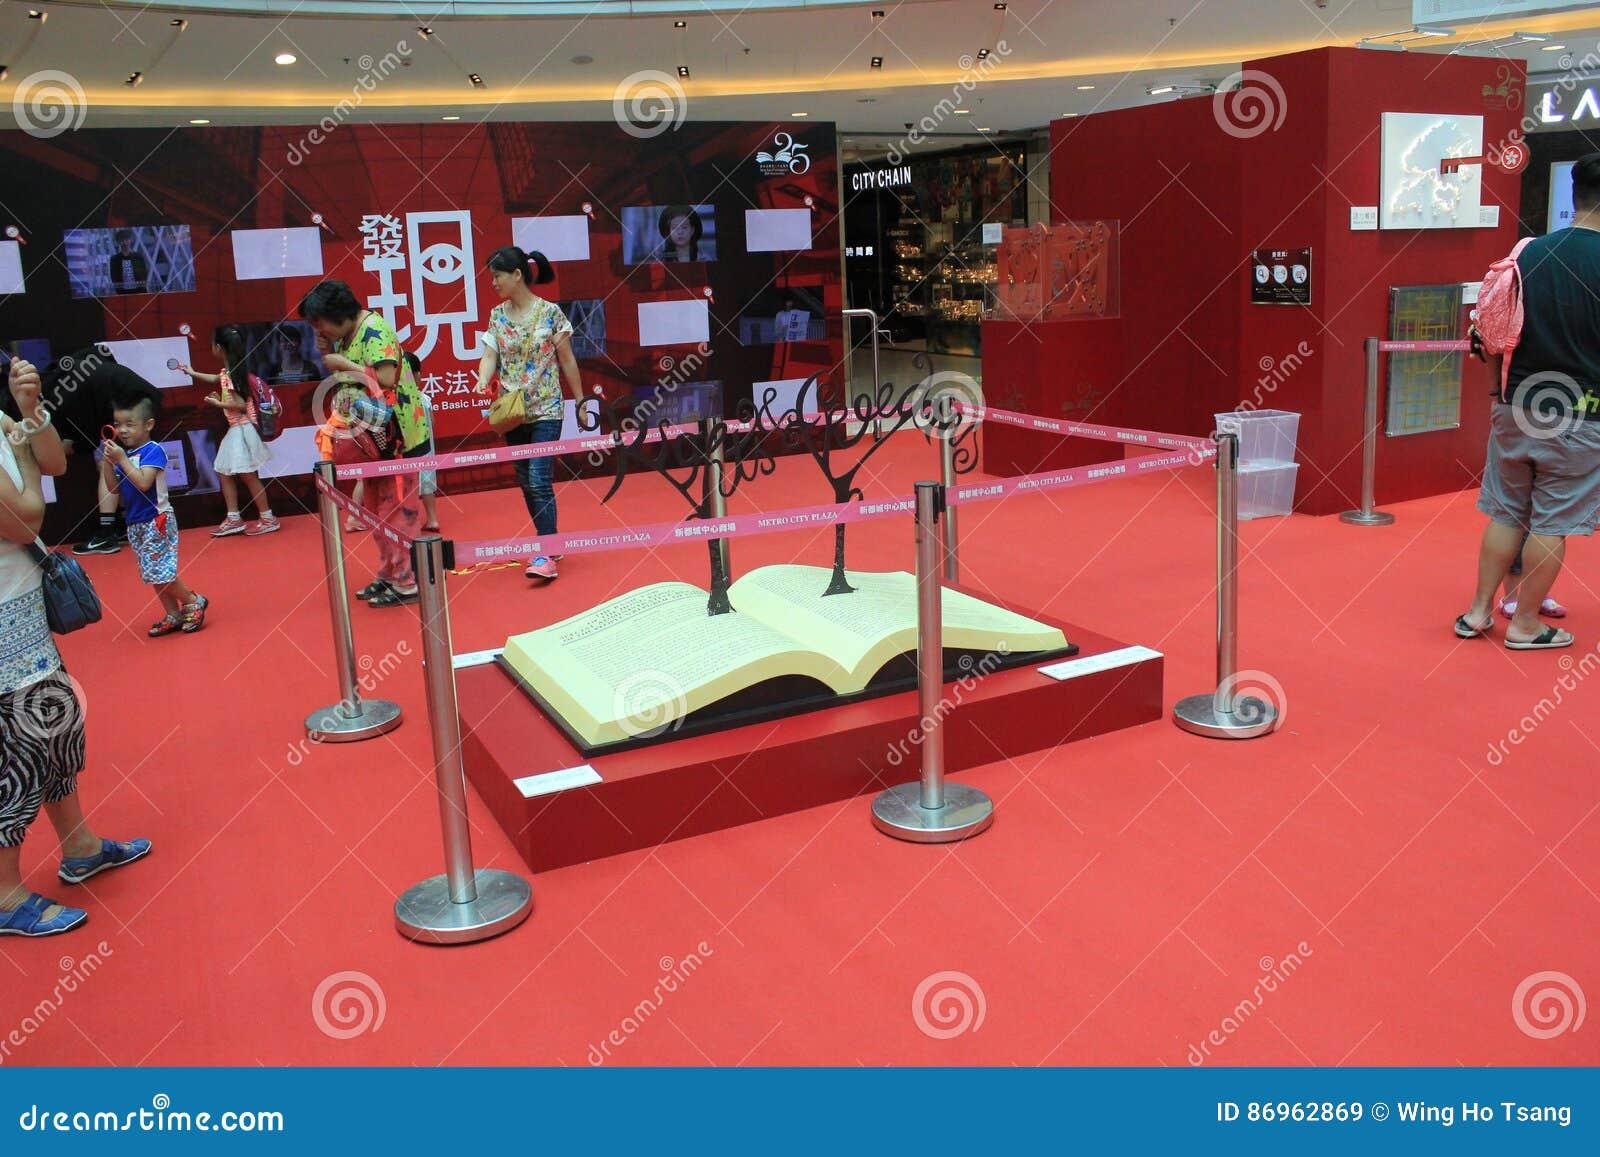 Hong Kong Discover de Basiswetstentoonstelling 2015